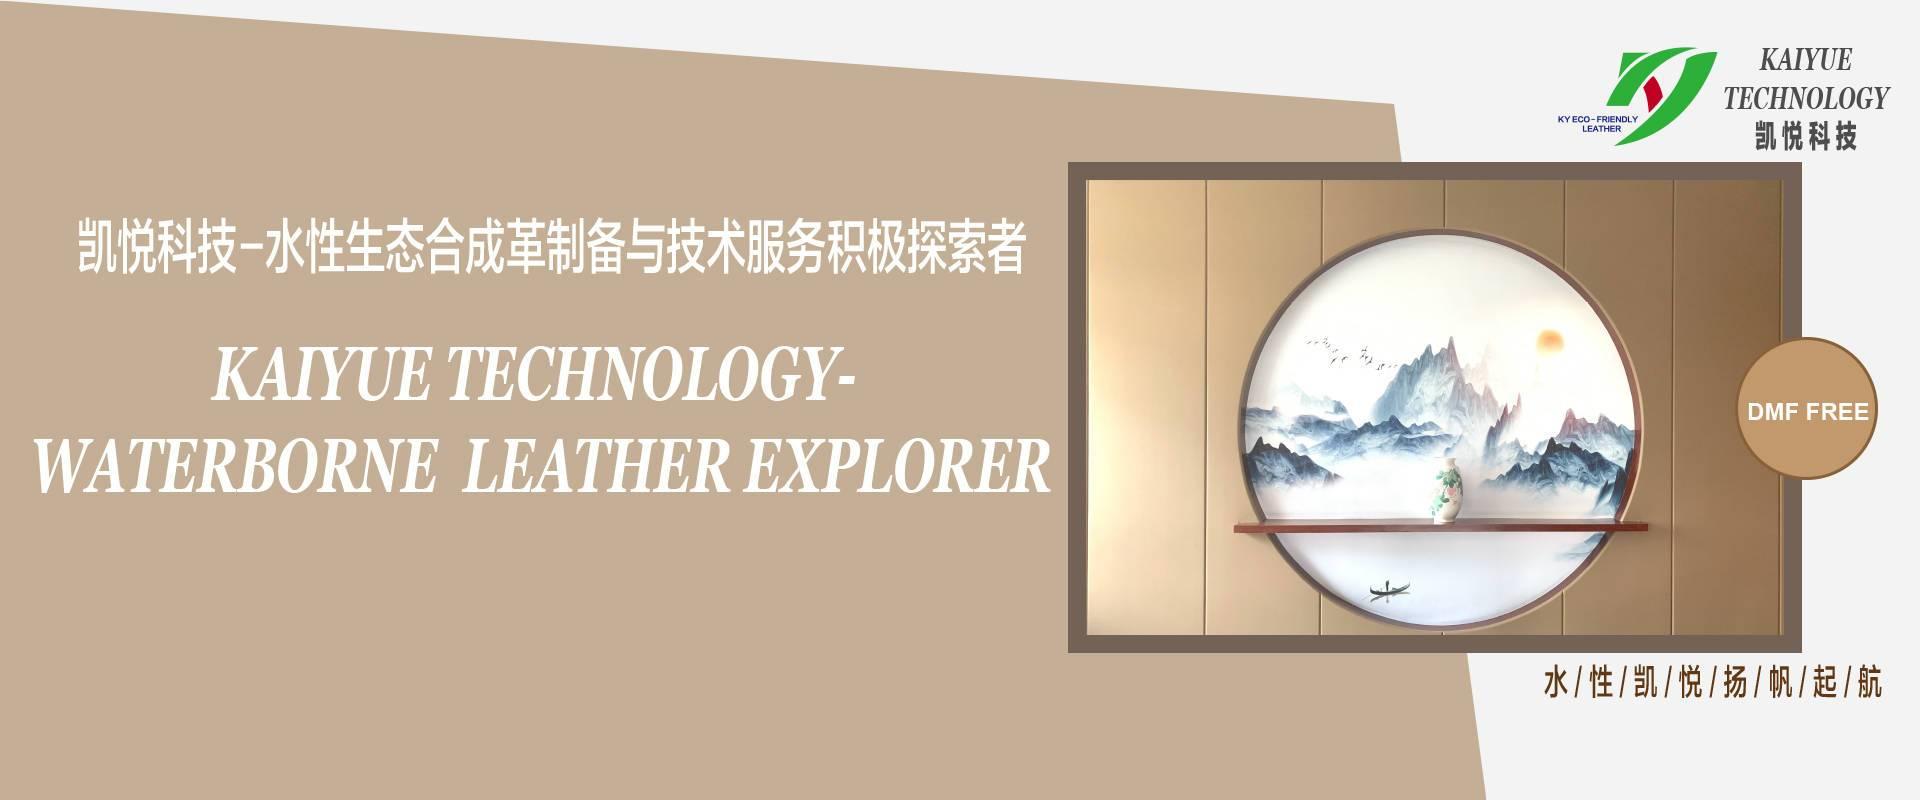 淮安凯悦科技水性pu革产品